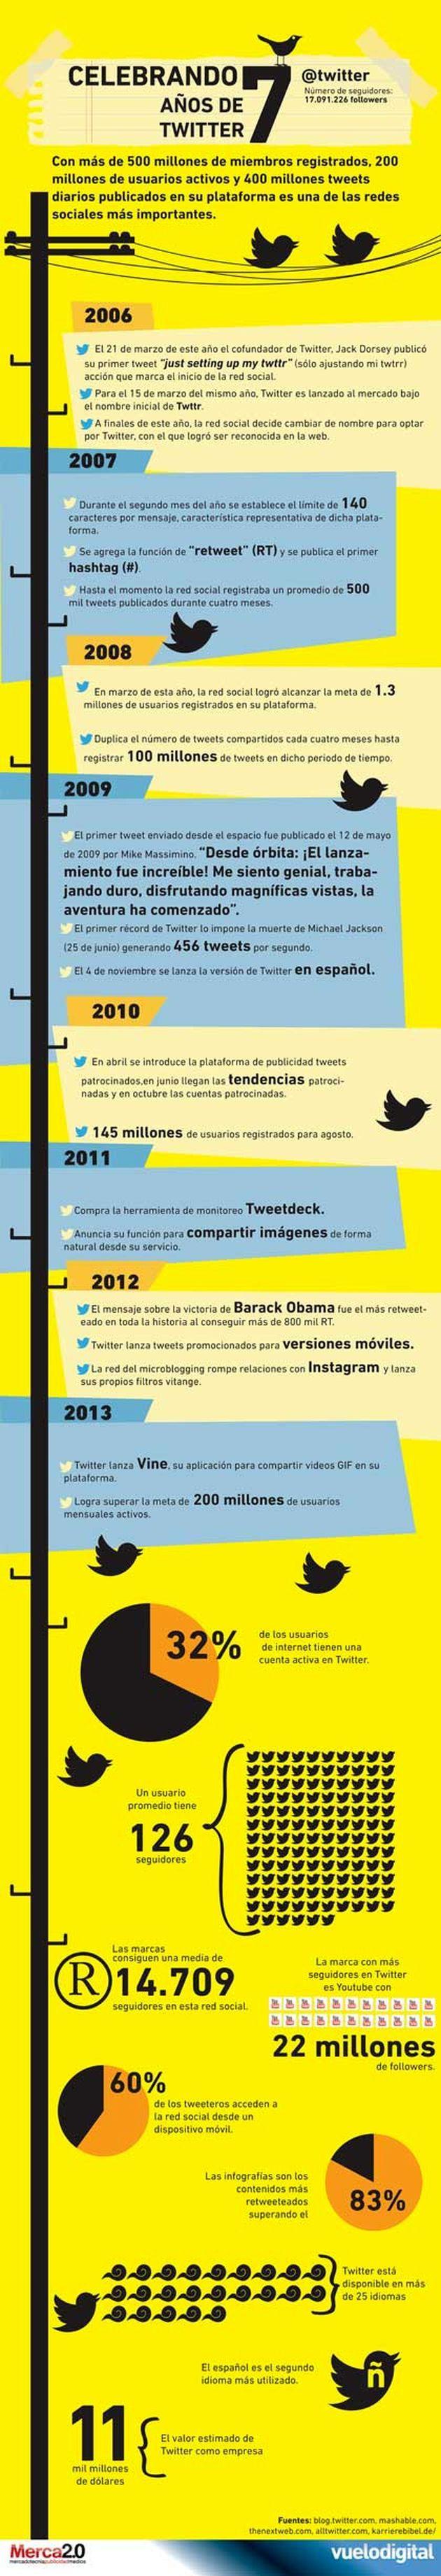 Una infografía, en español, para conmemorar el séptimo aniversario de Twitter Soft & Apps - software, aplicaciones web e internet